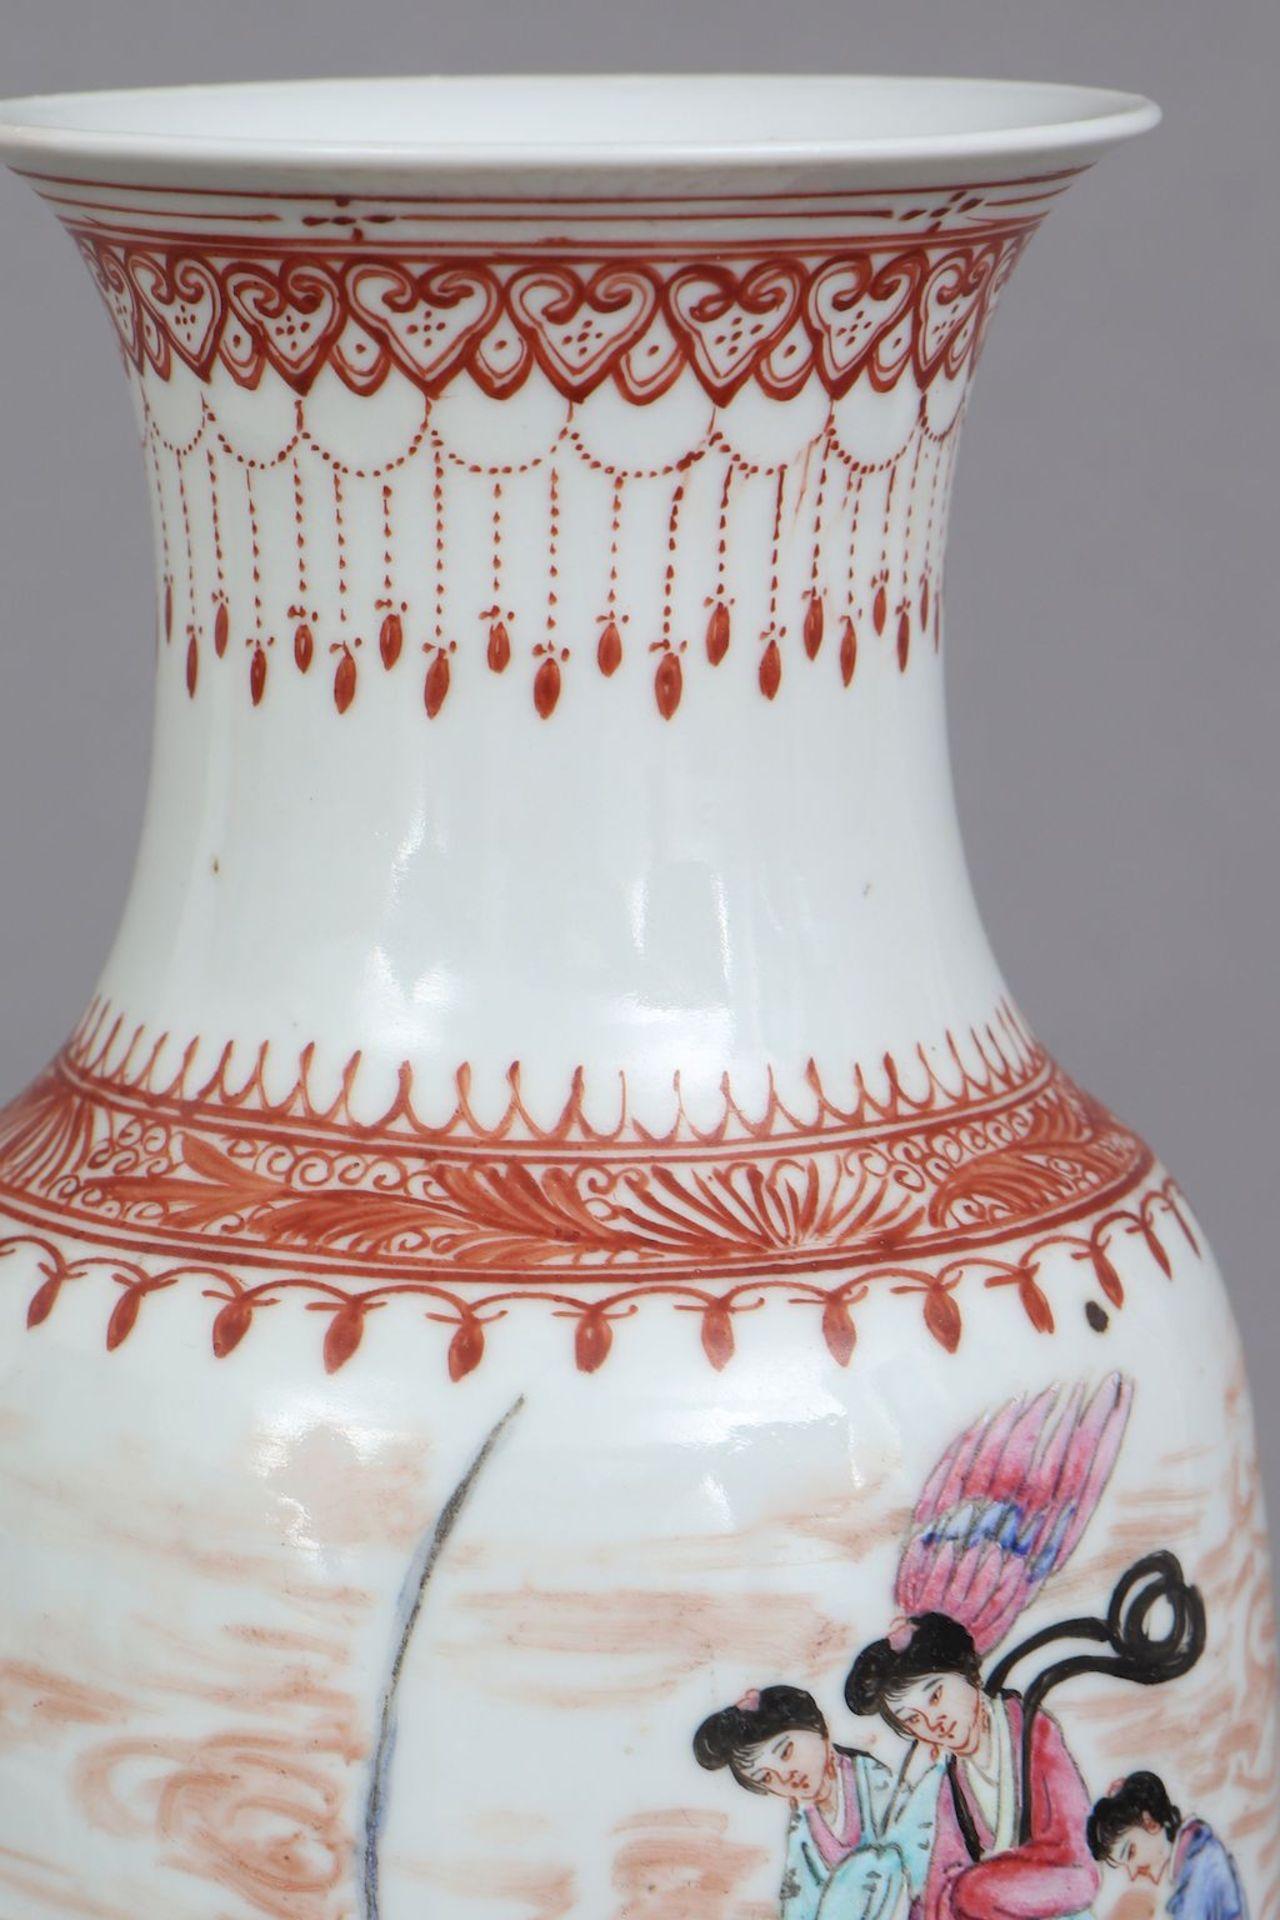 Chinesische Porzellanvase - Image 3 of 5